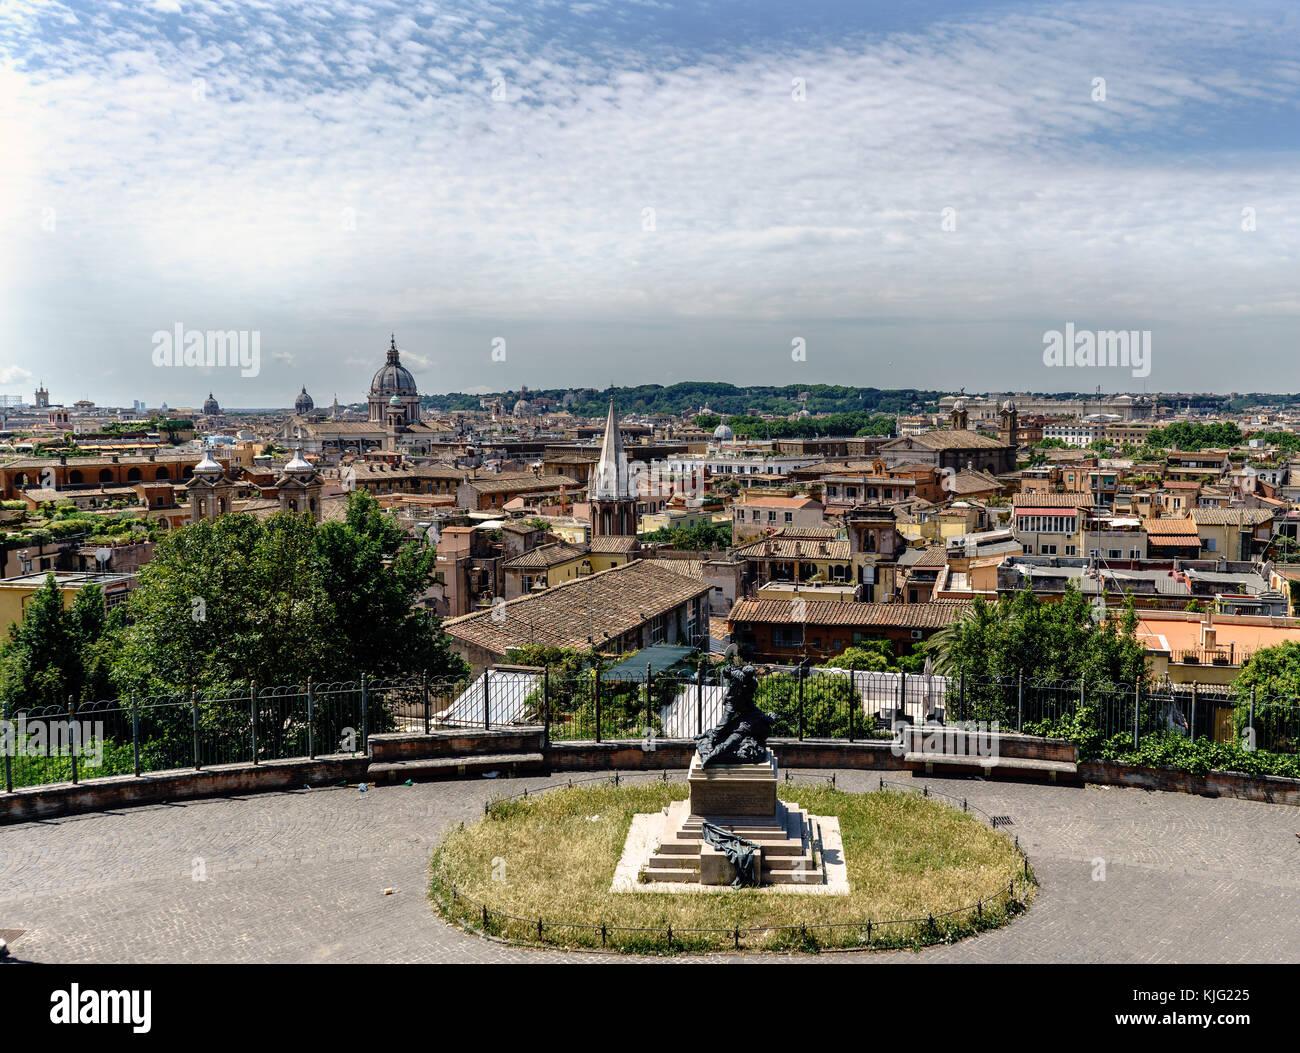 Terrazza Viale Del Belvedere Immagini & Terrazza Viale Del Belvedere ...